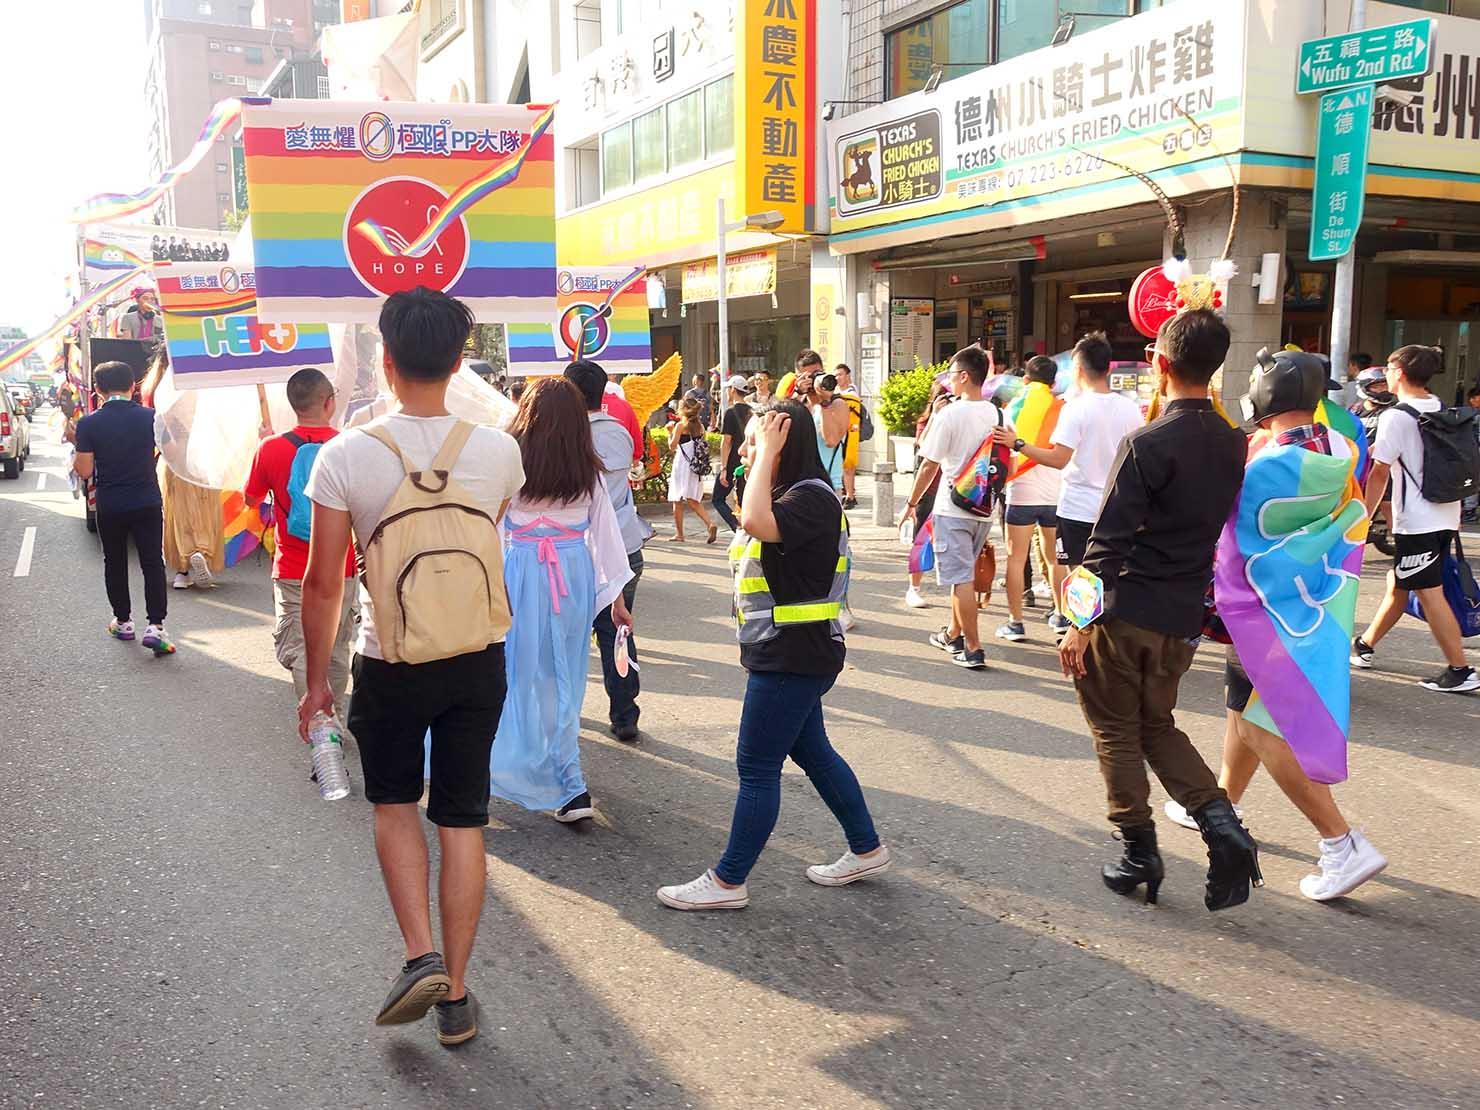 「高雄同志大遊行(高雄プライド)」2019のパレードを歩く参加団体